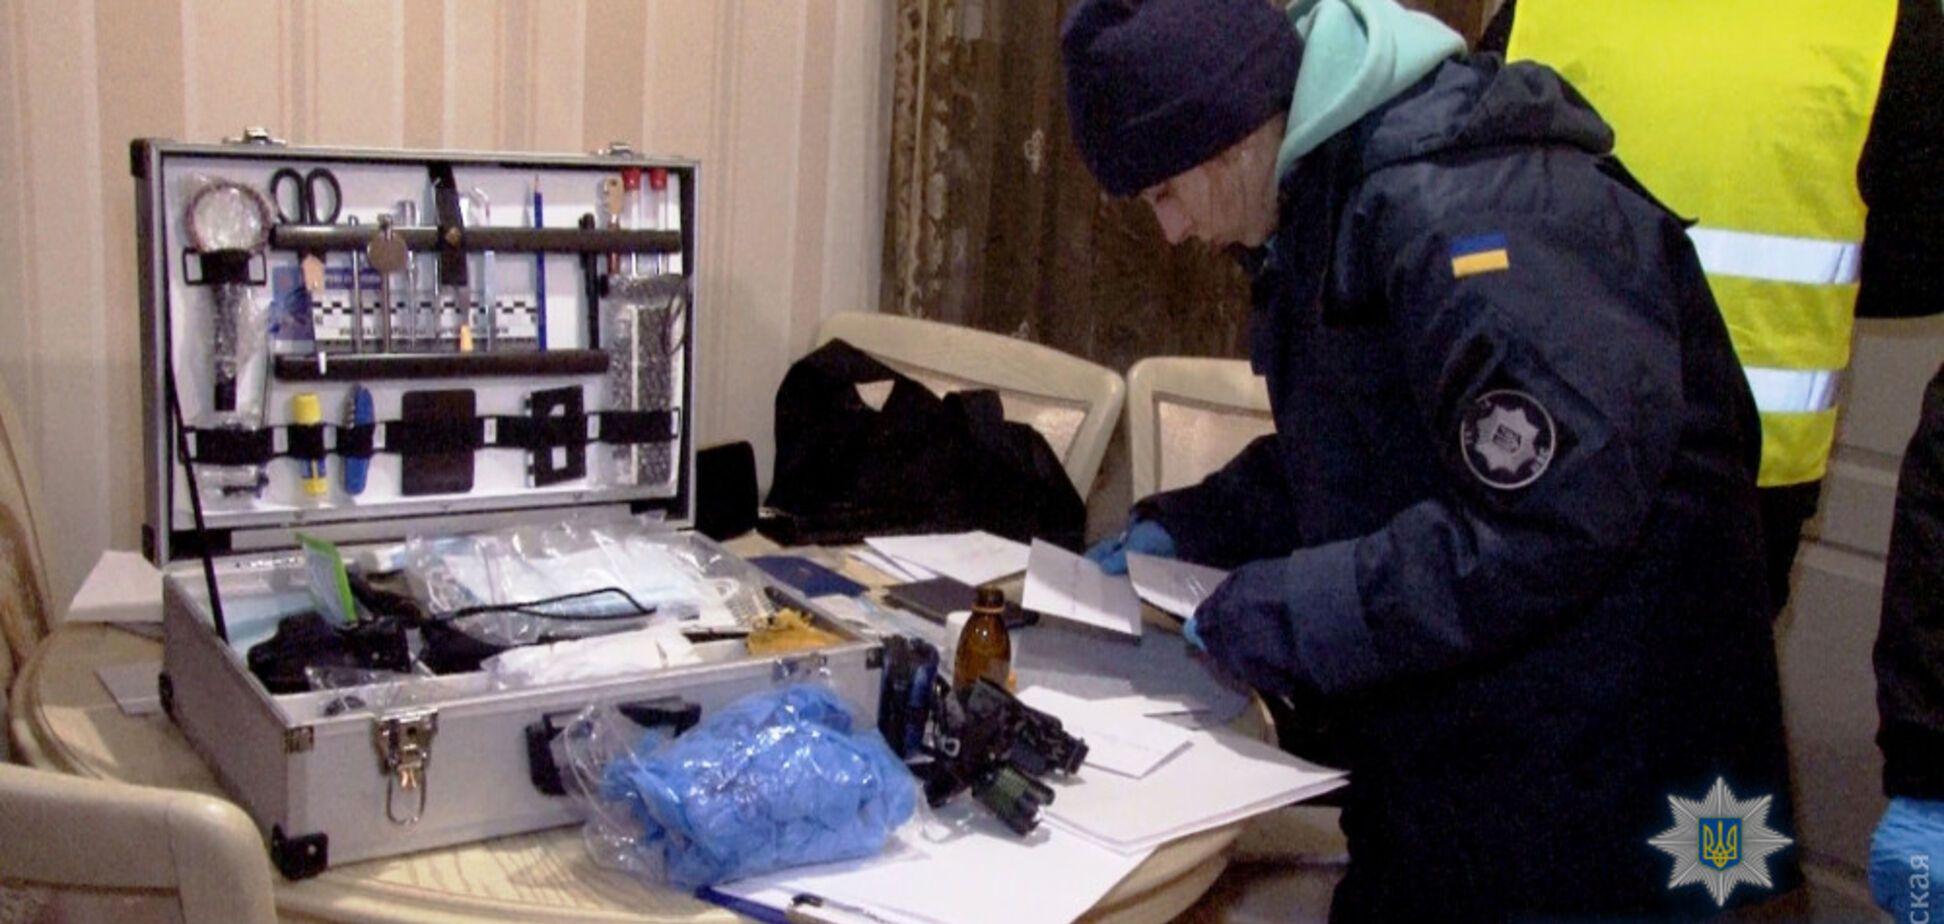 Голова была отдельно: в Одессе жестоко расправились с молодой женщиной